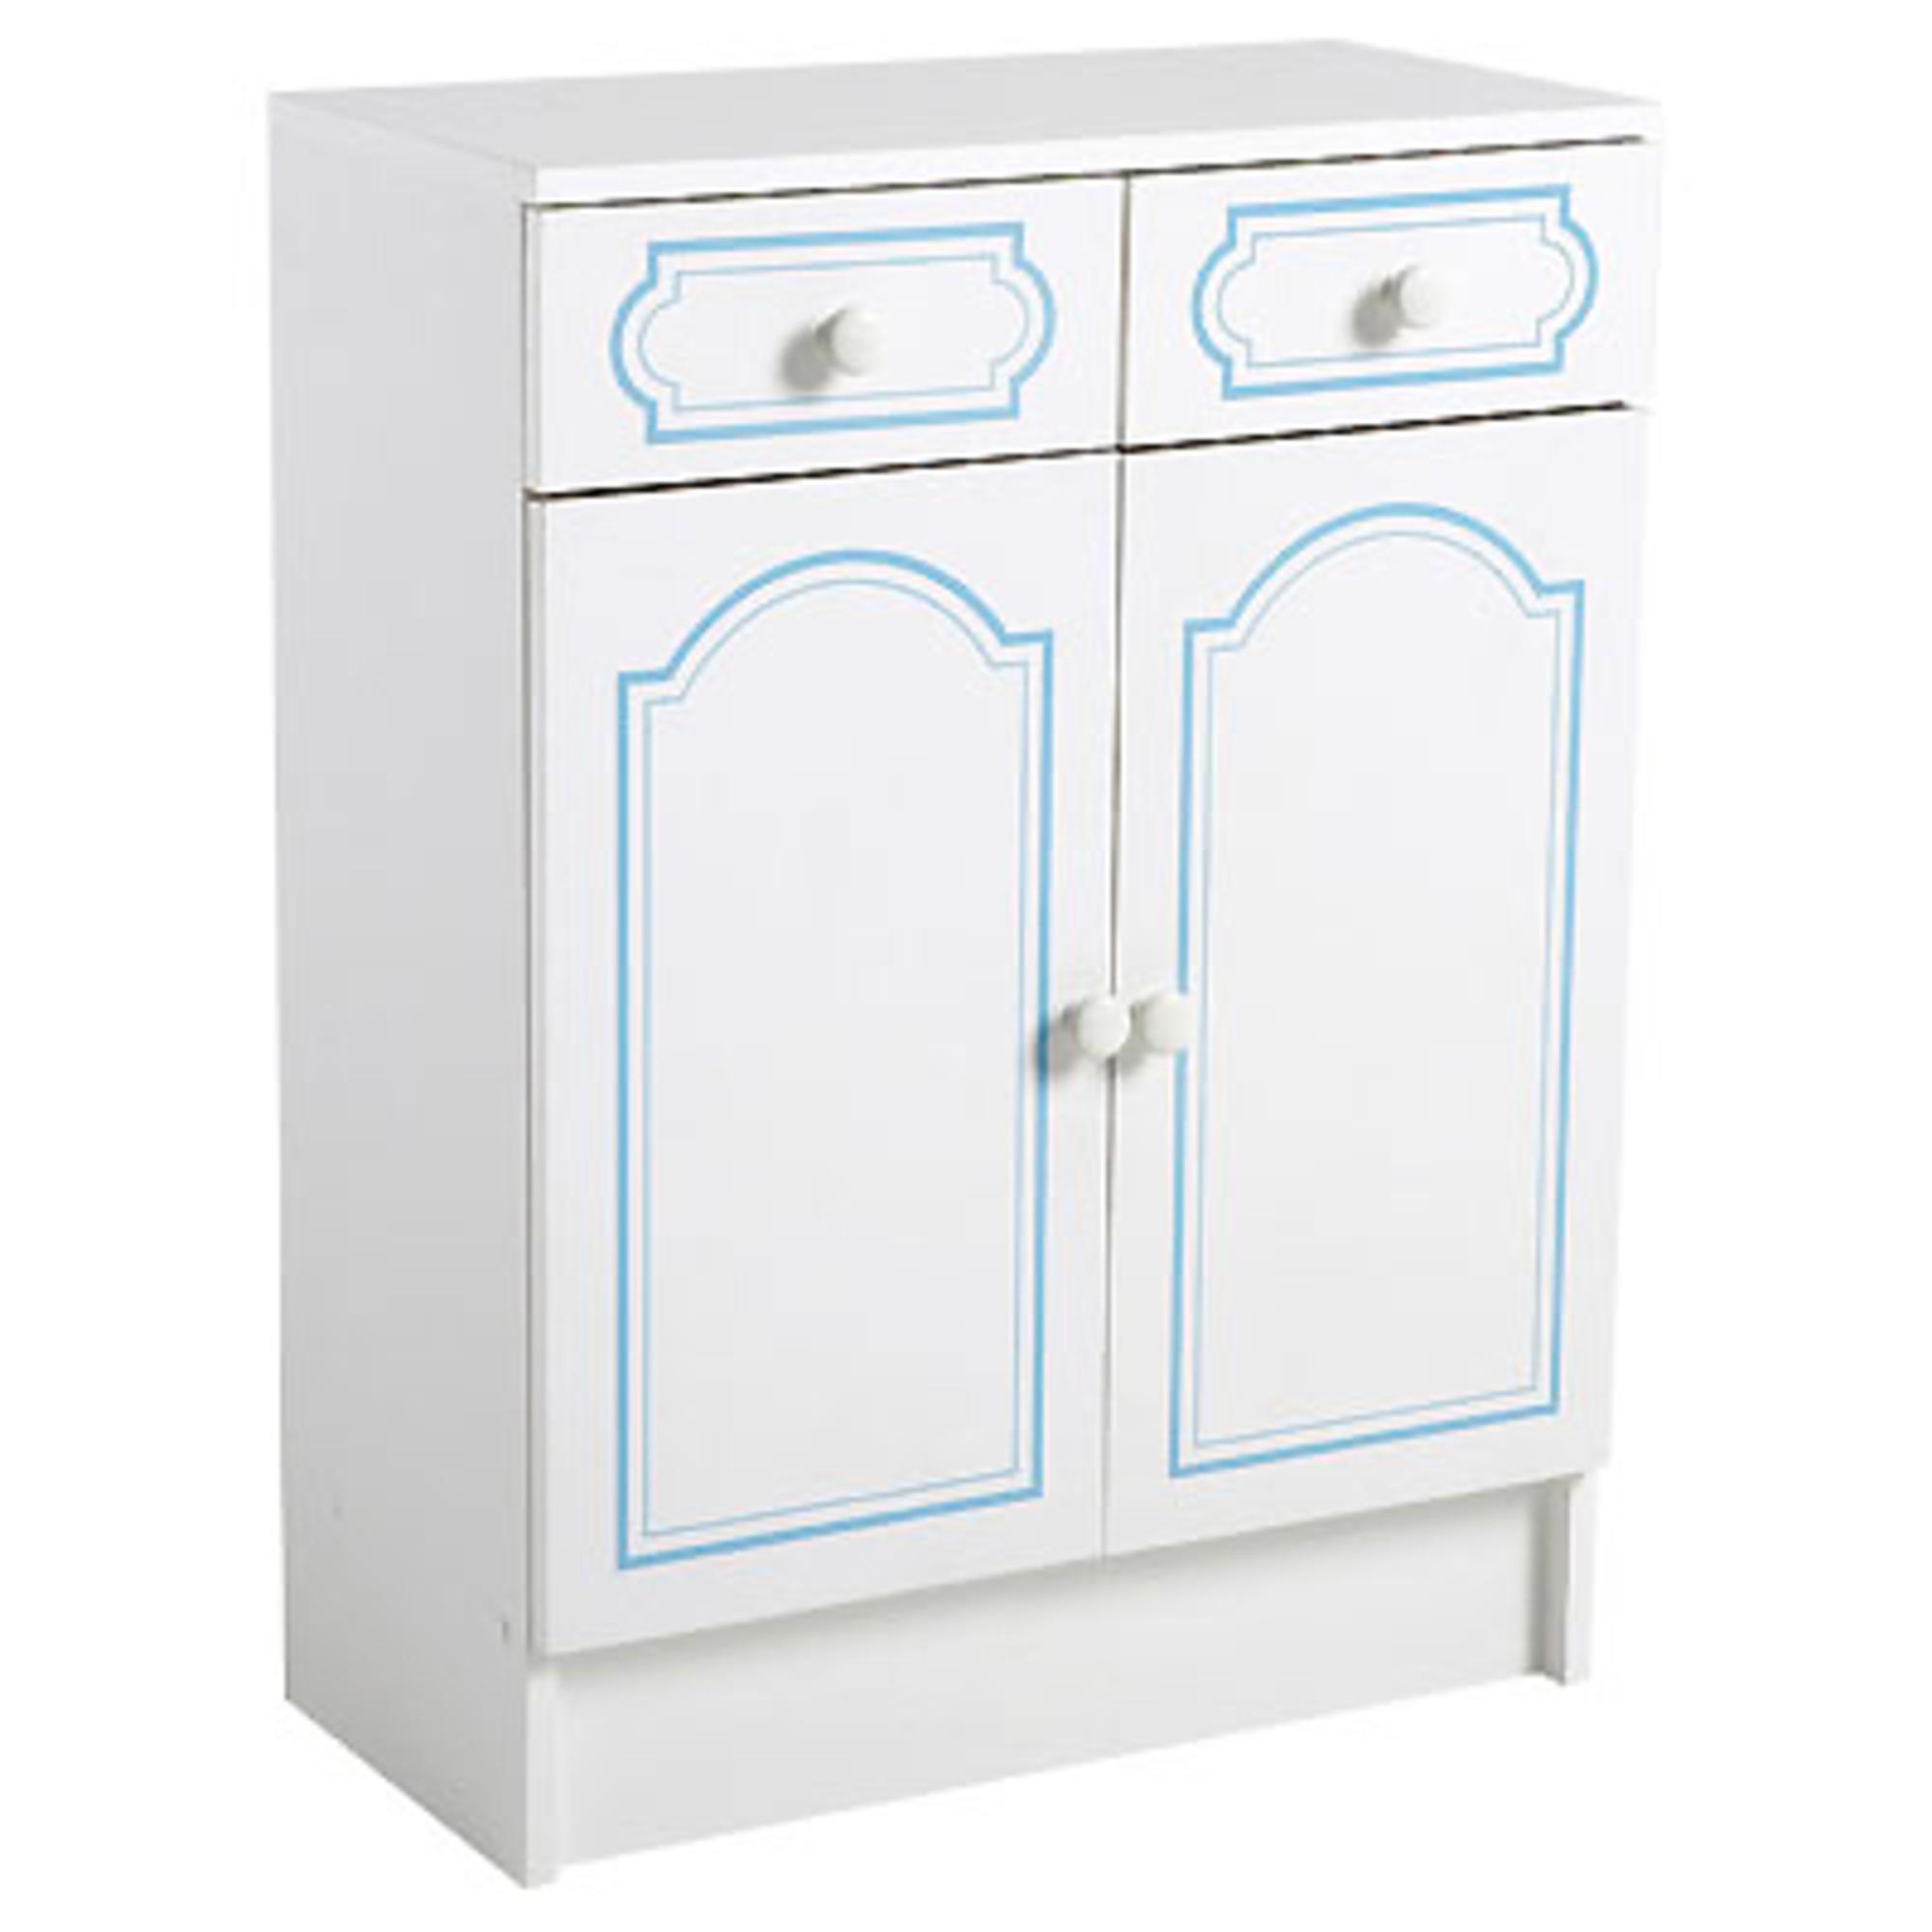 Meuble bas 2 portes 2 tiroirs salle de bain belle ile for Porte de meuble salle de bain